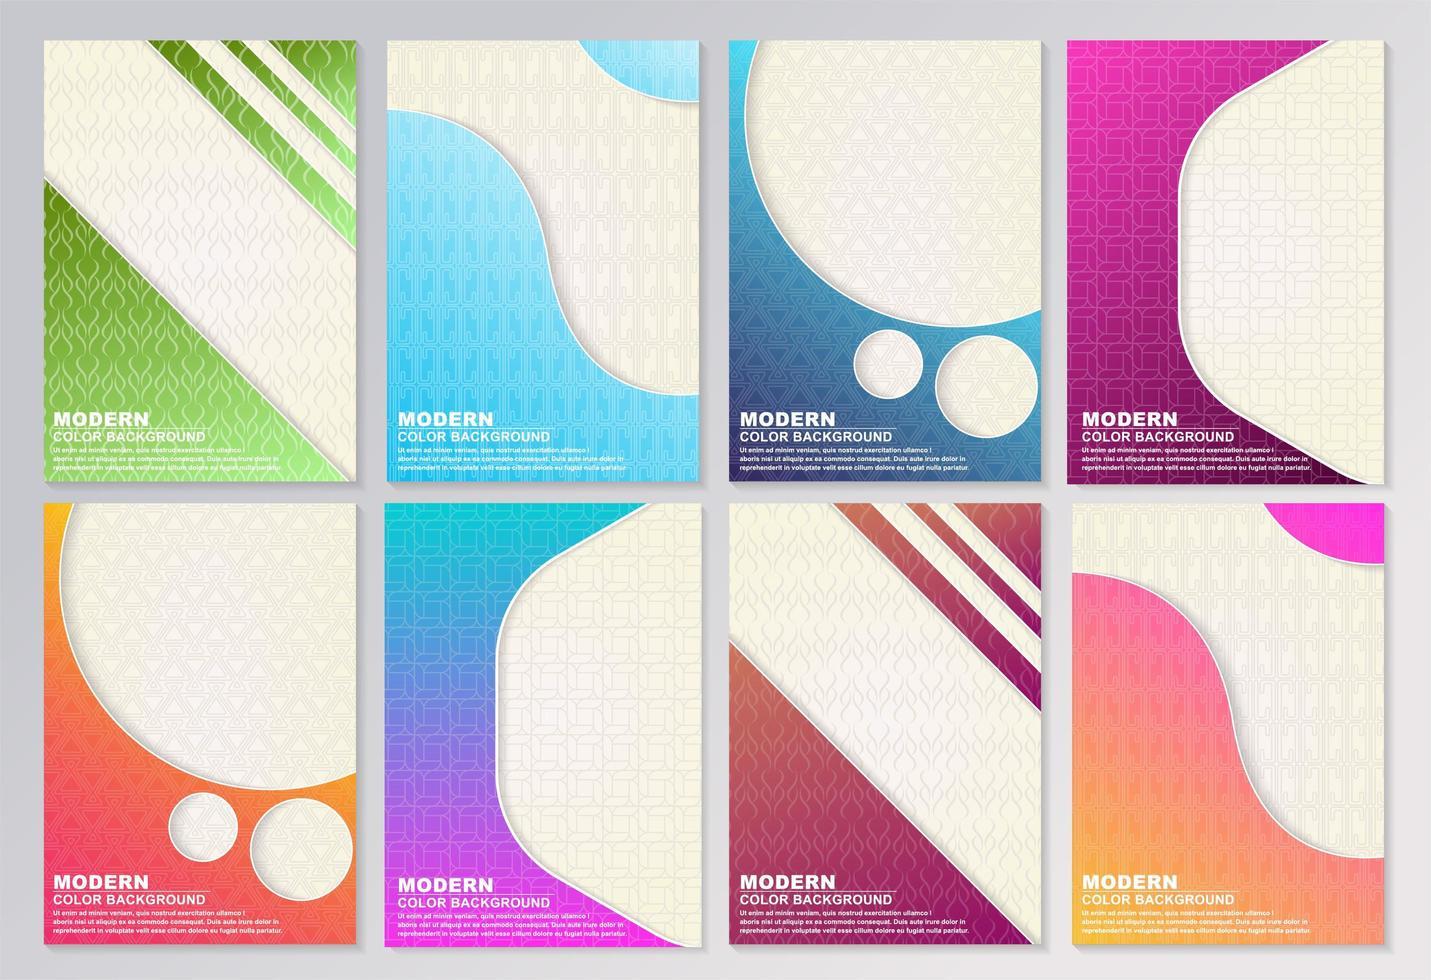 helder verloop abstracte vorm en patroon cover set vector